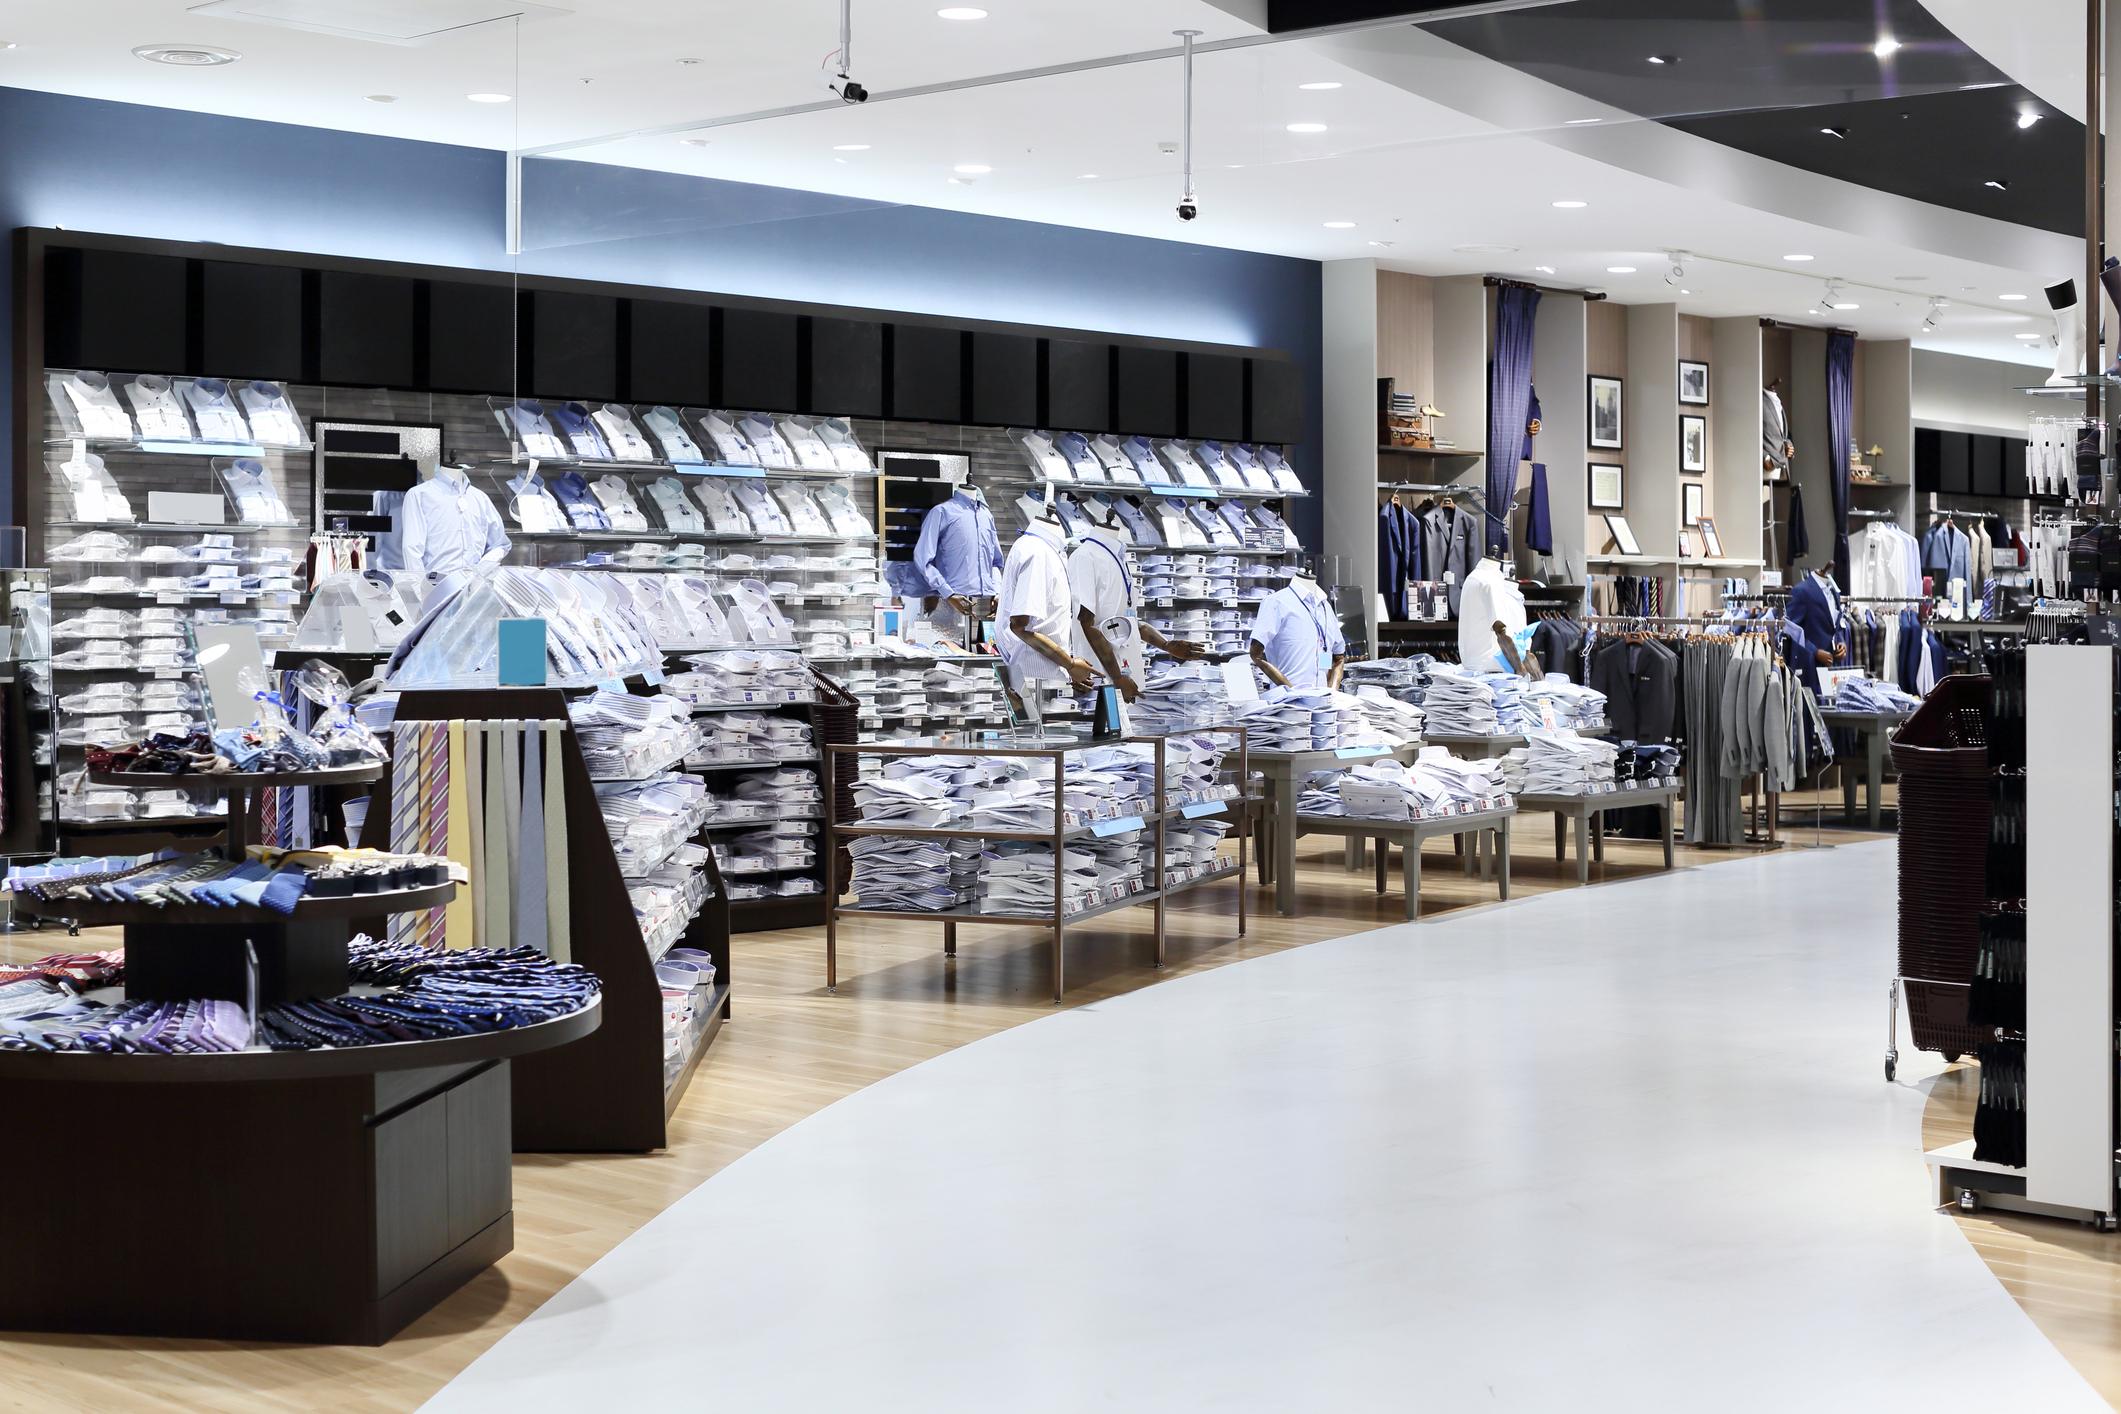 A department store's men's setion